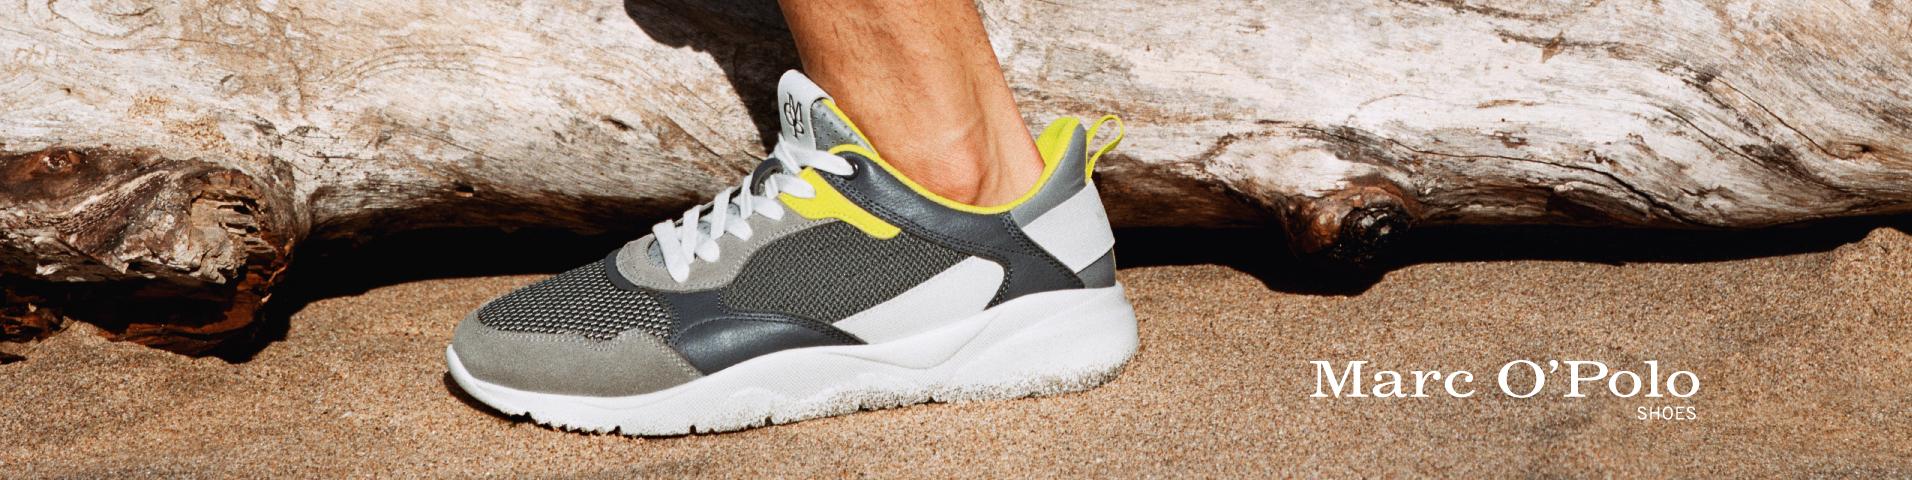 Auf ganz leisen Sohlen: braune Marc O'Polo Sneaker für